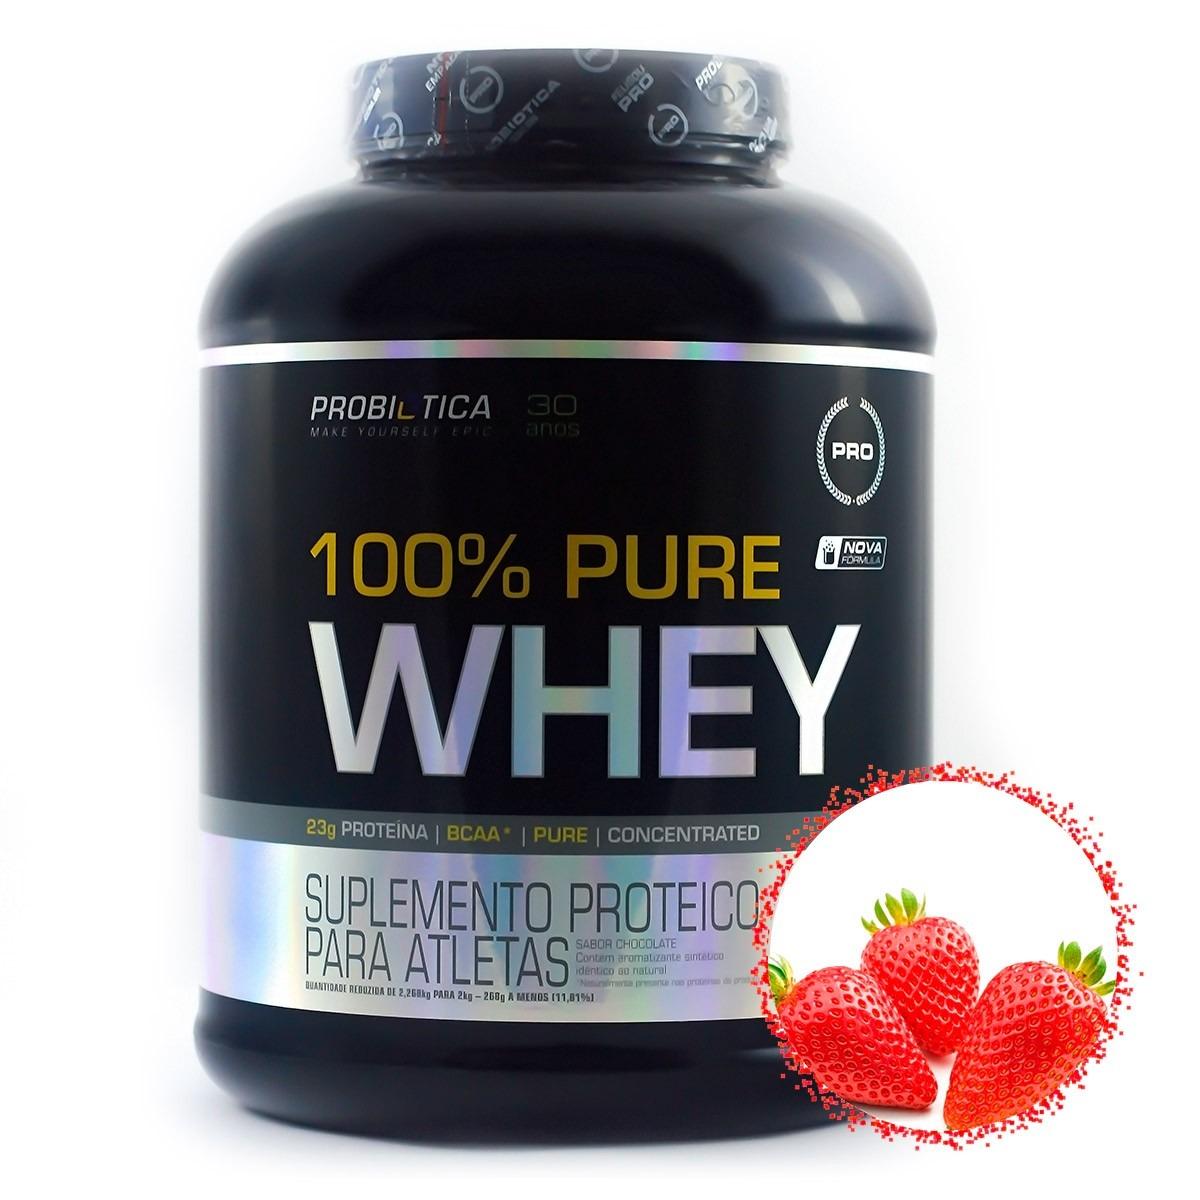 4d346e4a8 100% pure whey - 2kg - probiótica - sabores promoção. Carregando zoom.